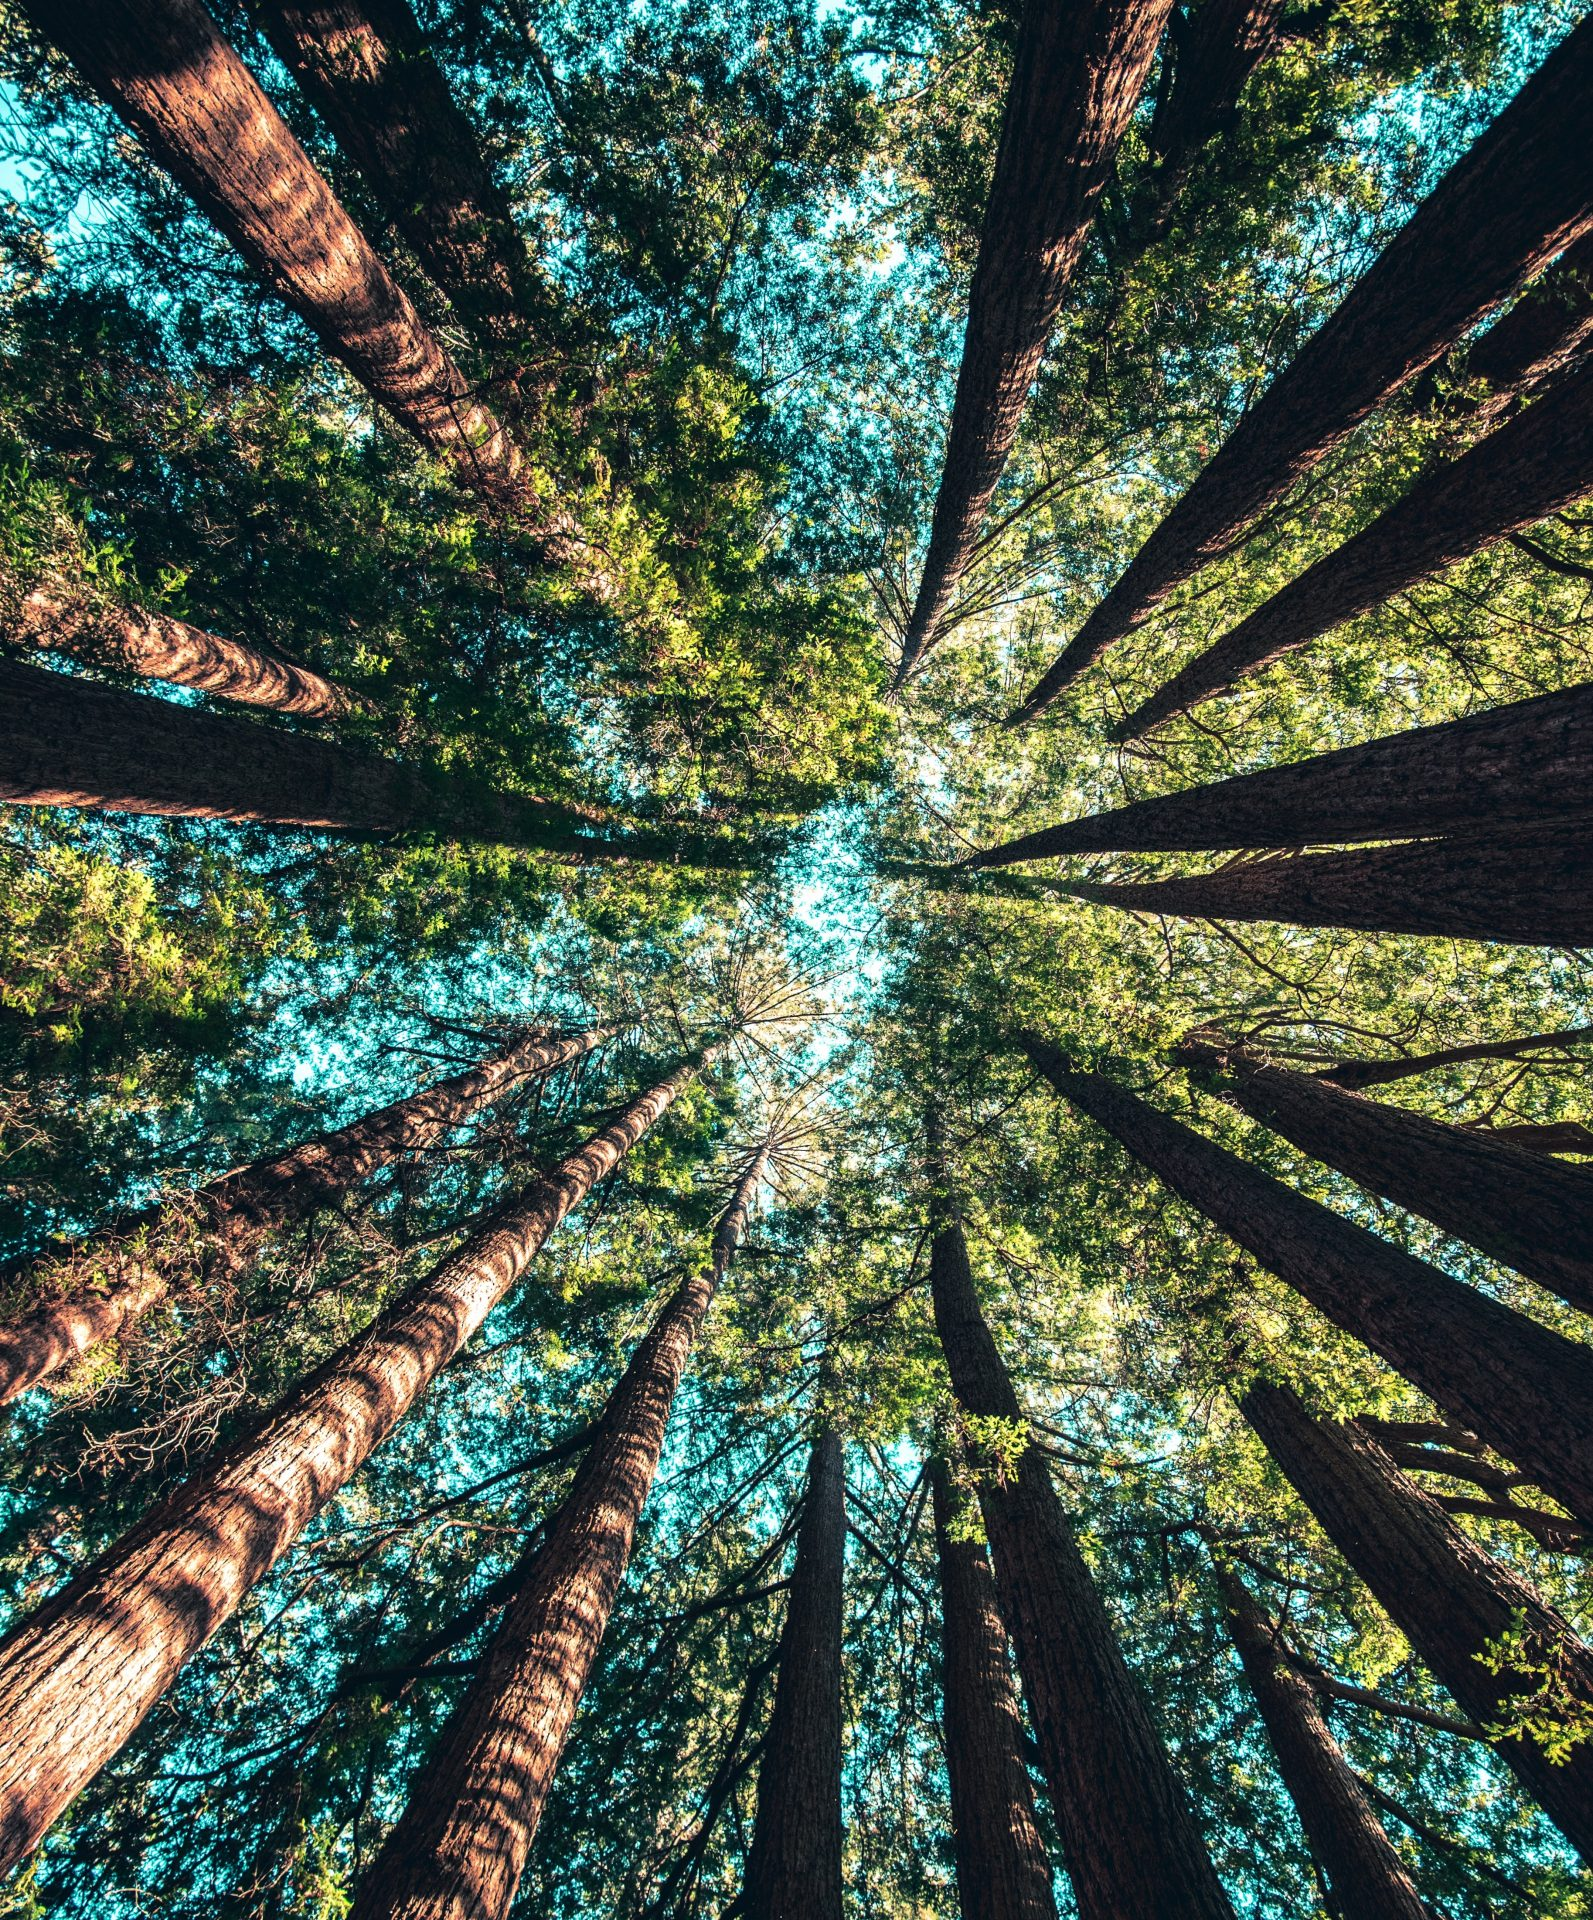 copaci priviti de jos in sus